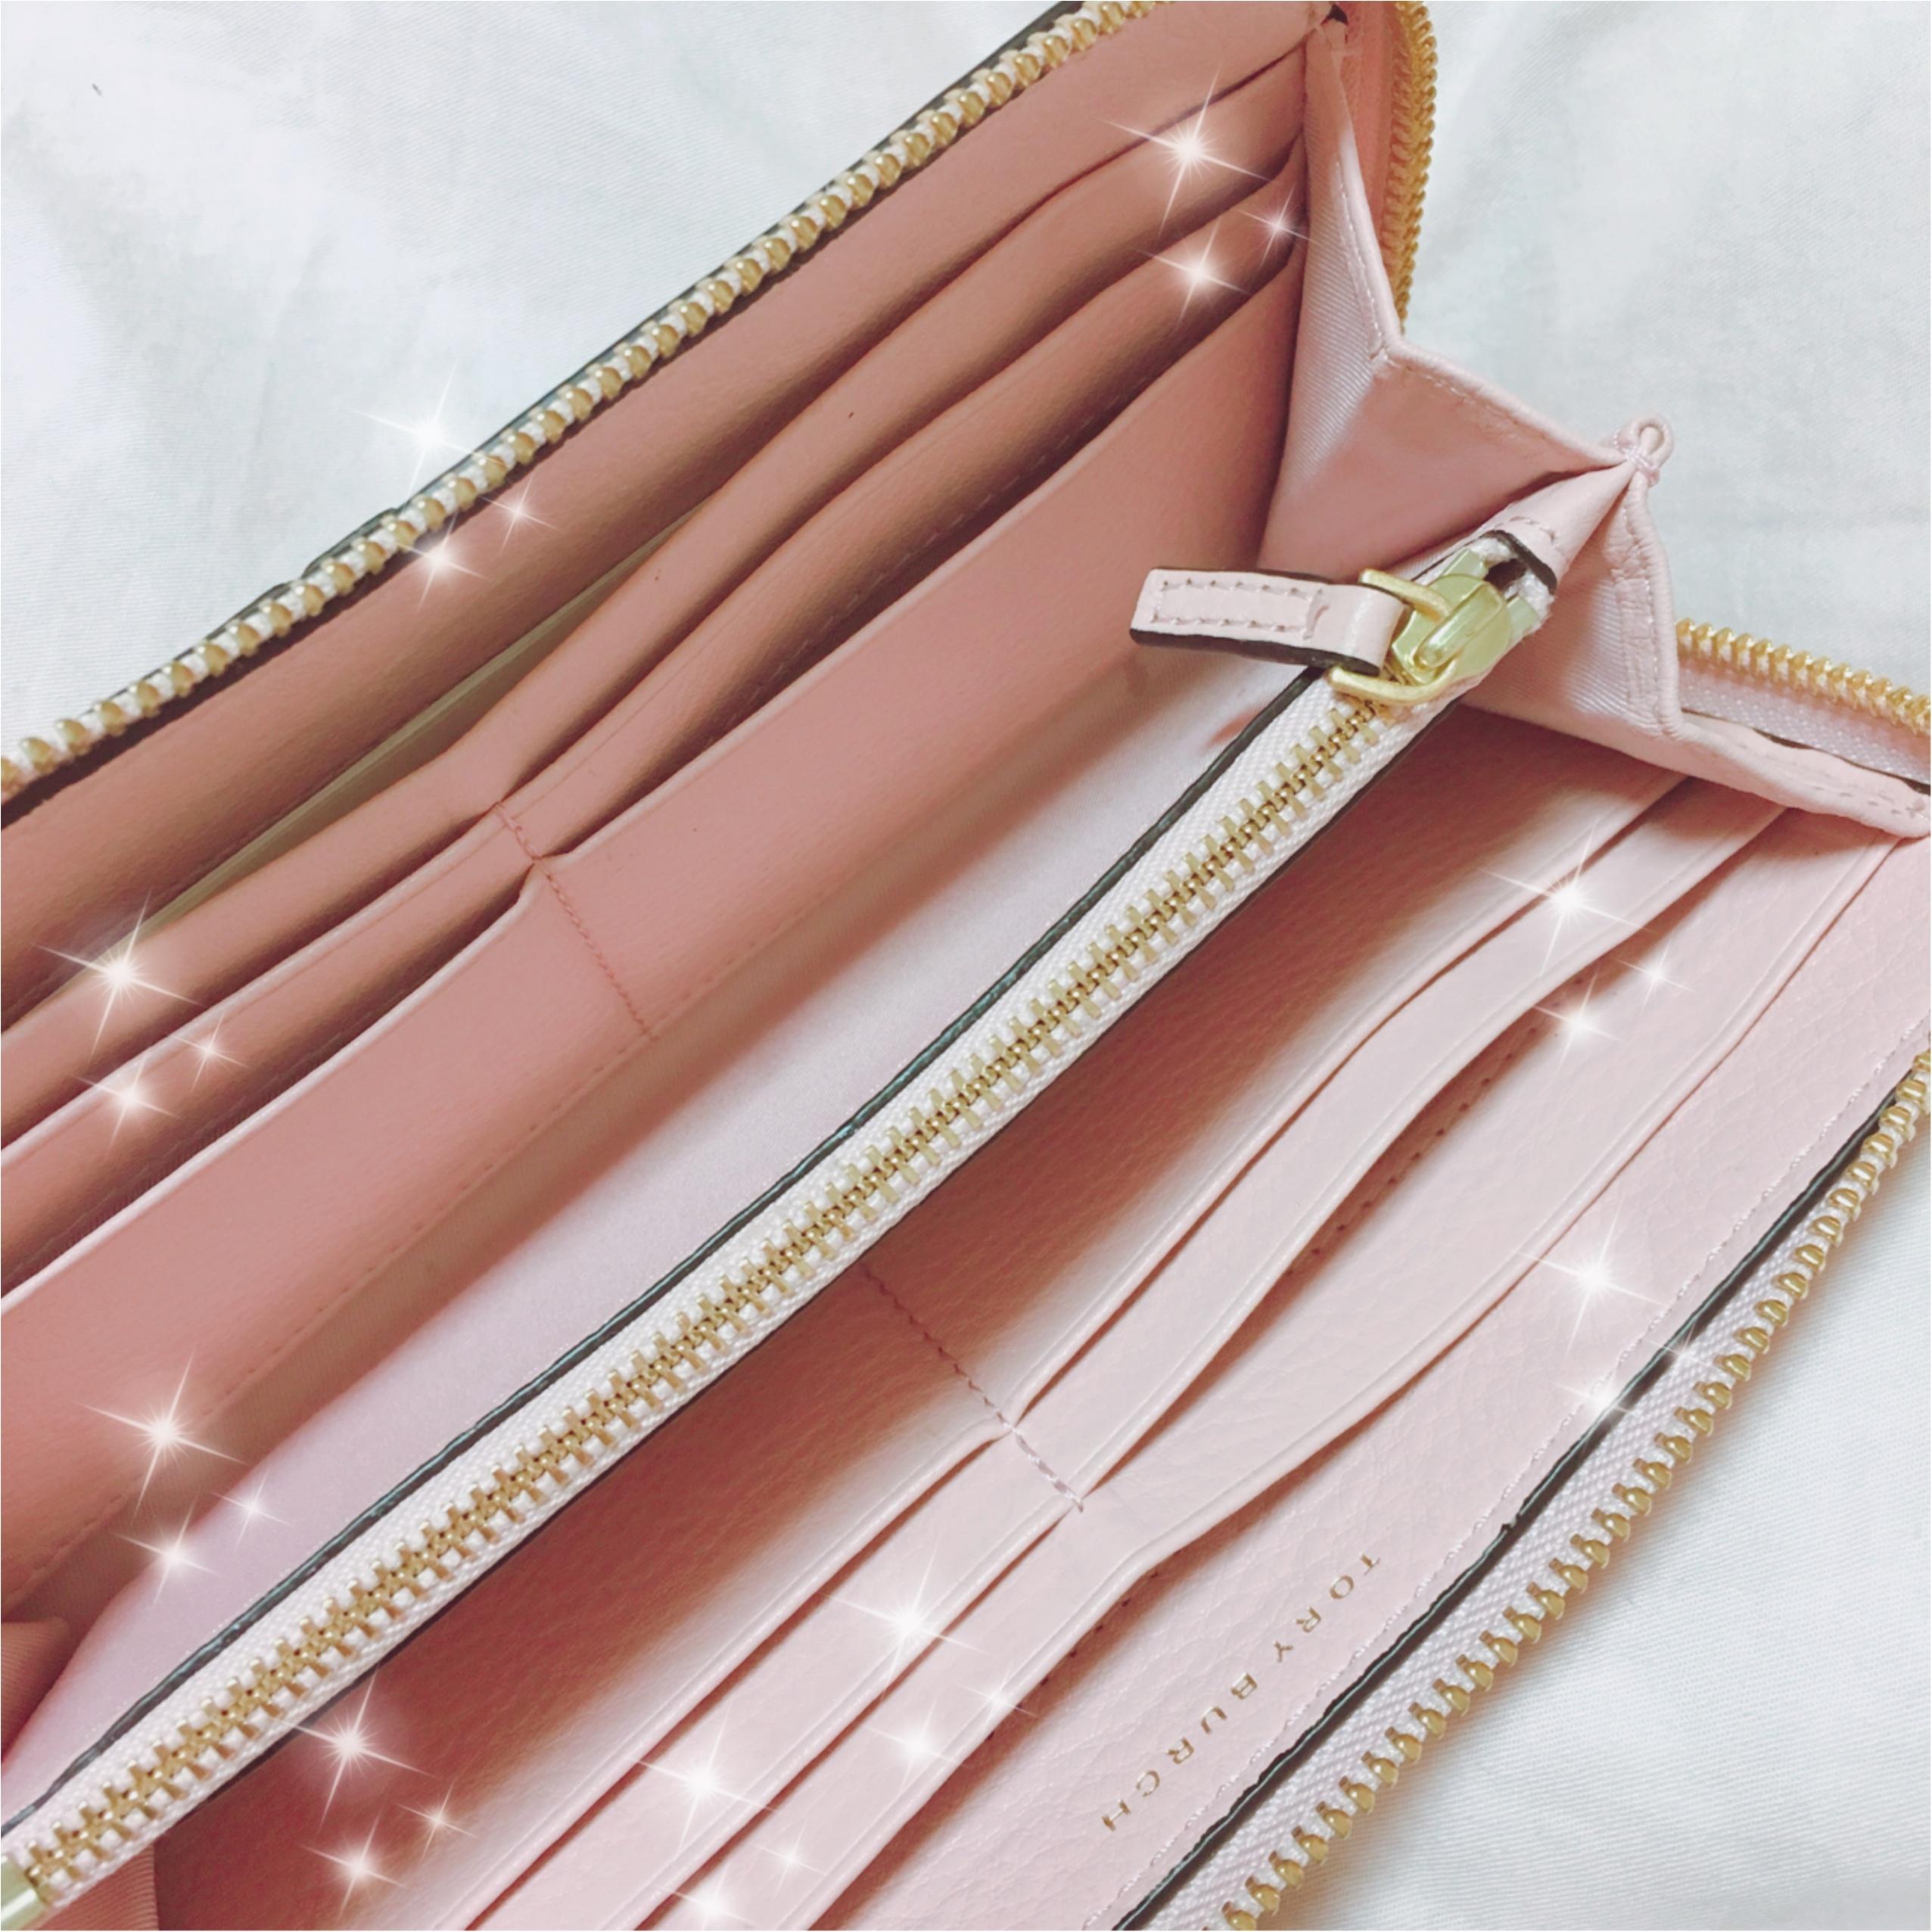 《恋愛運UPに効く最強カラー★》【TORY BURCH】でピンクの財布を新調しました❤️_4